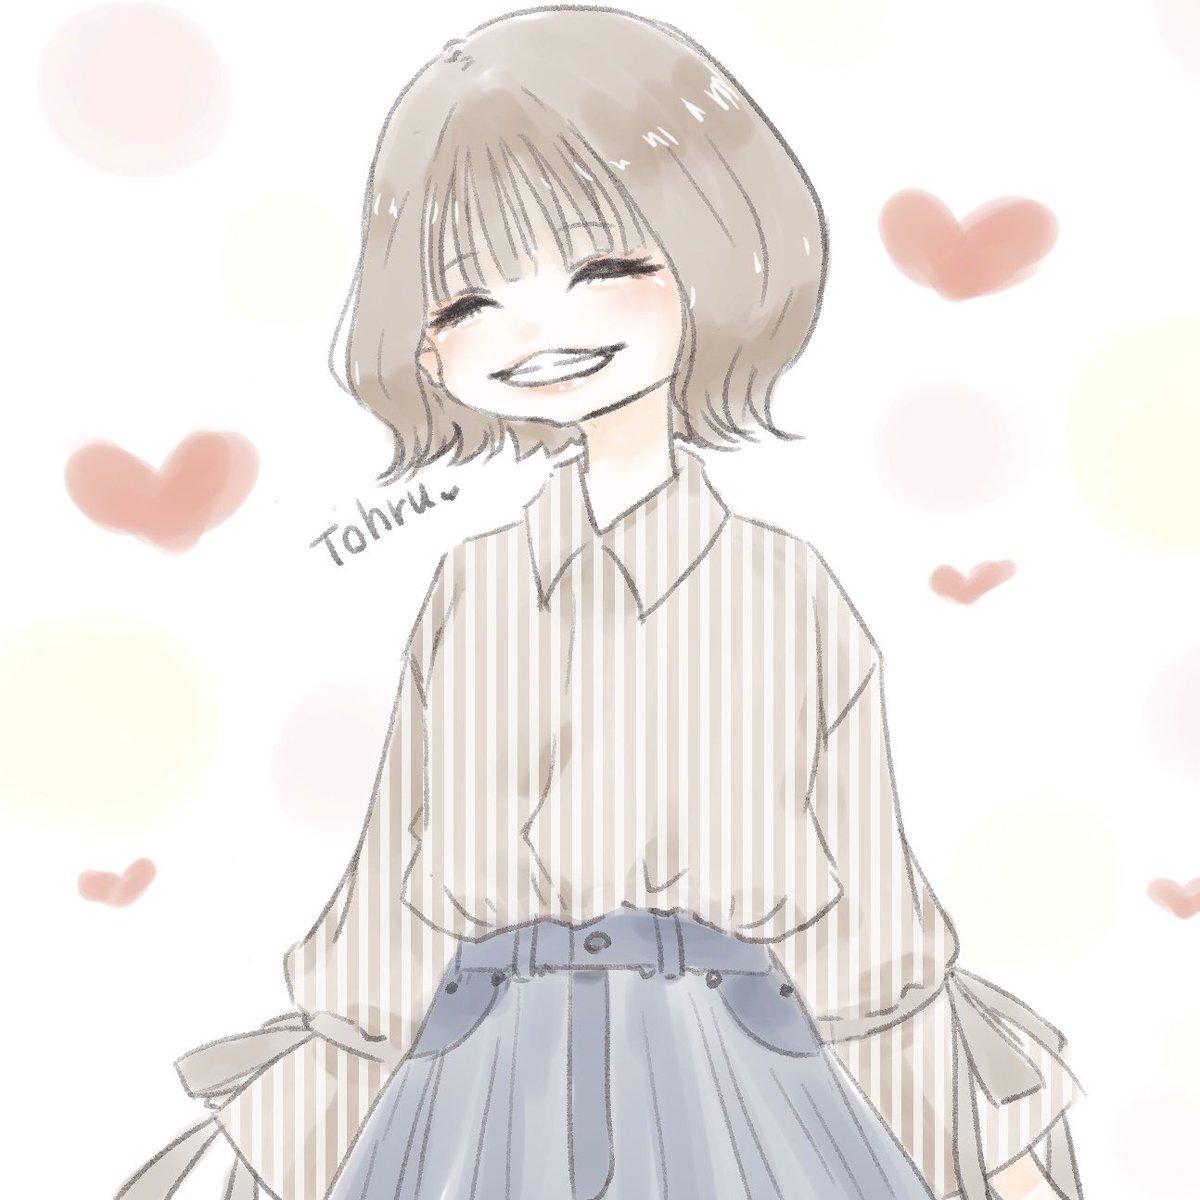 笑顔が好き🤲この間の服が可愛かった🤲